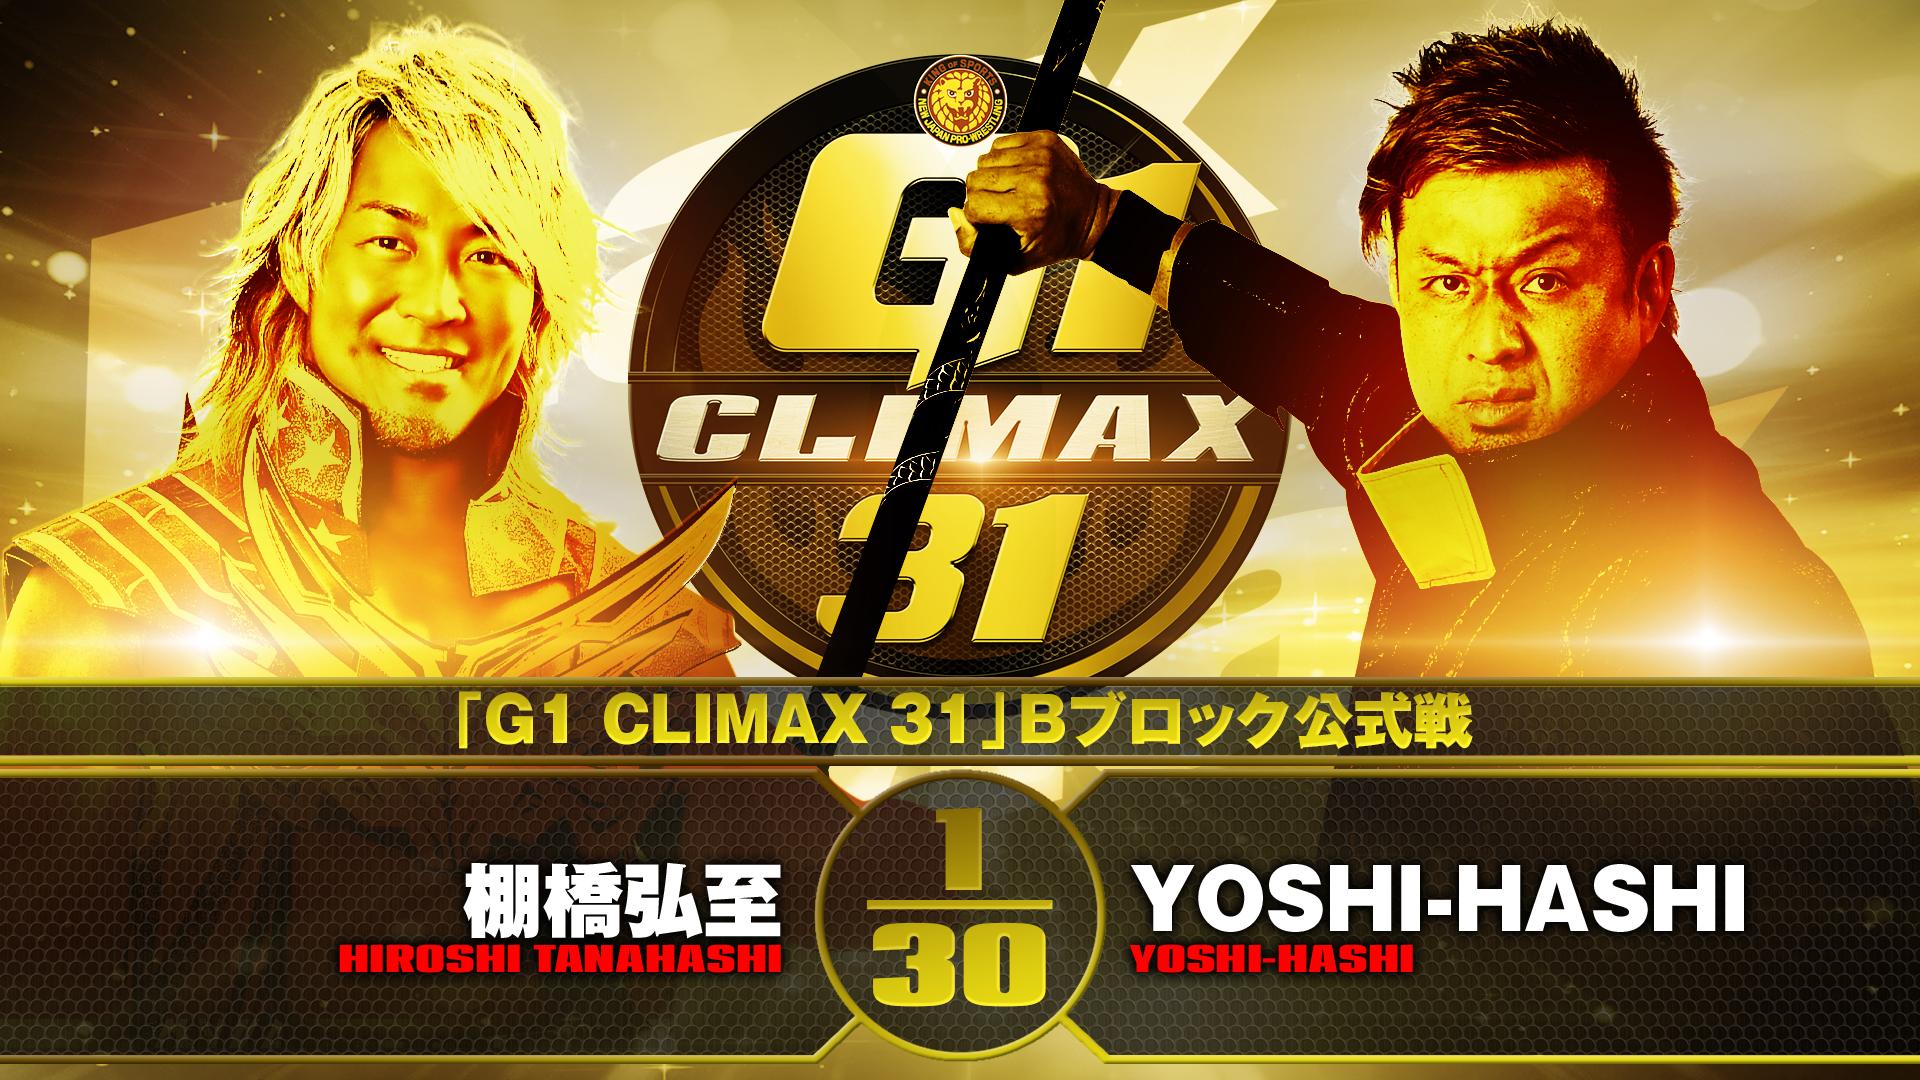 【第4試合】結果速報!新日本プロレス 2021年10月14日『G1 CLIMAX 31』